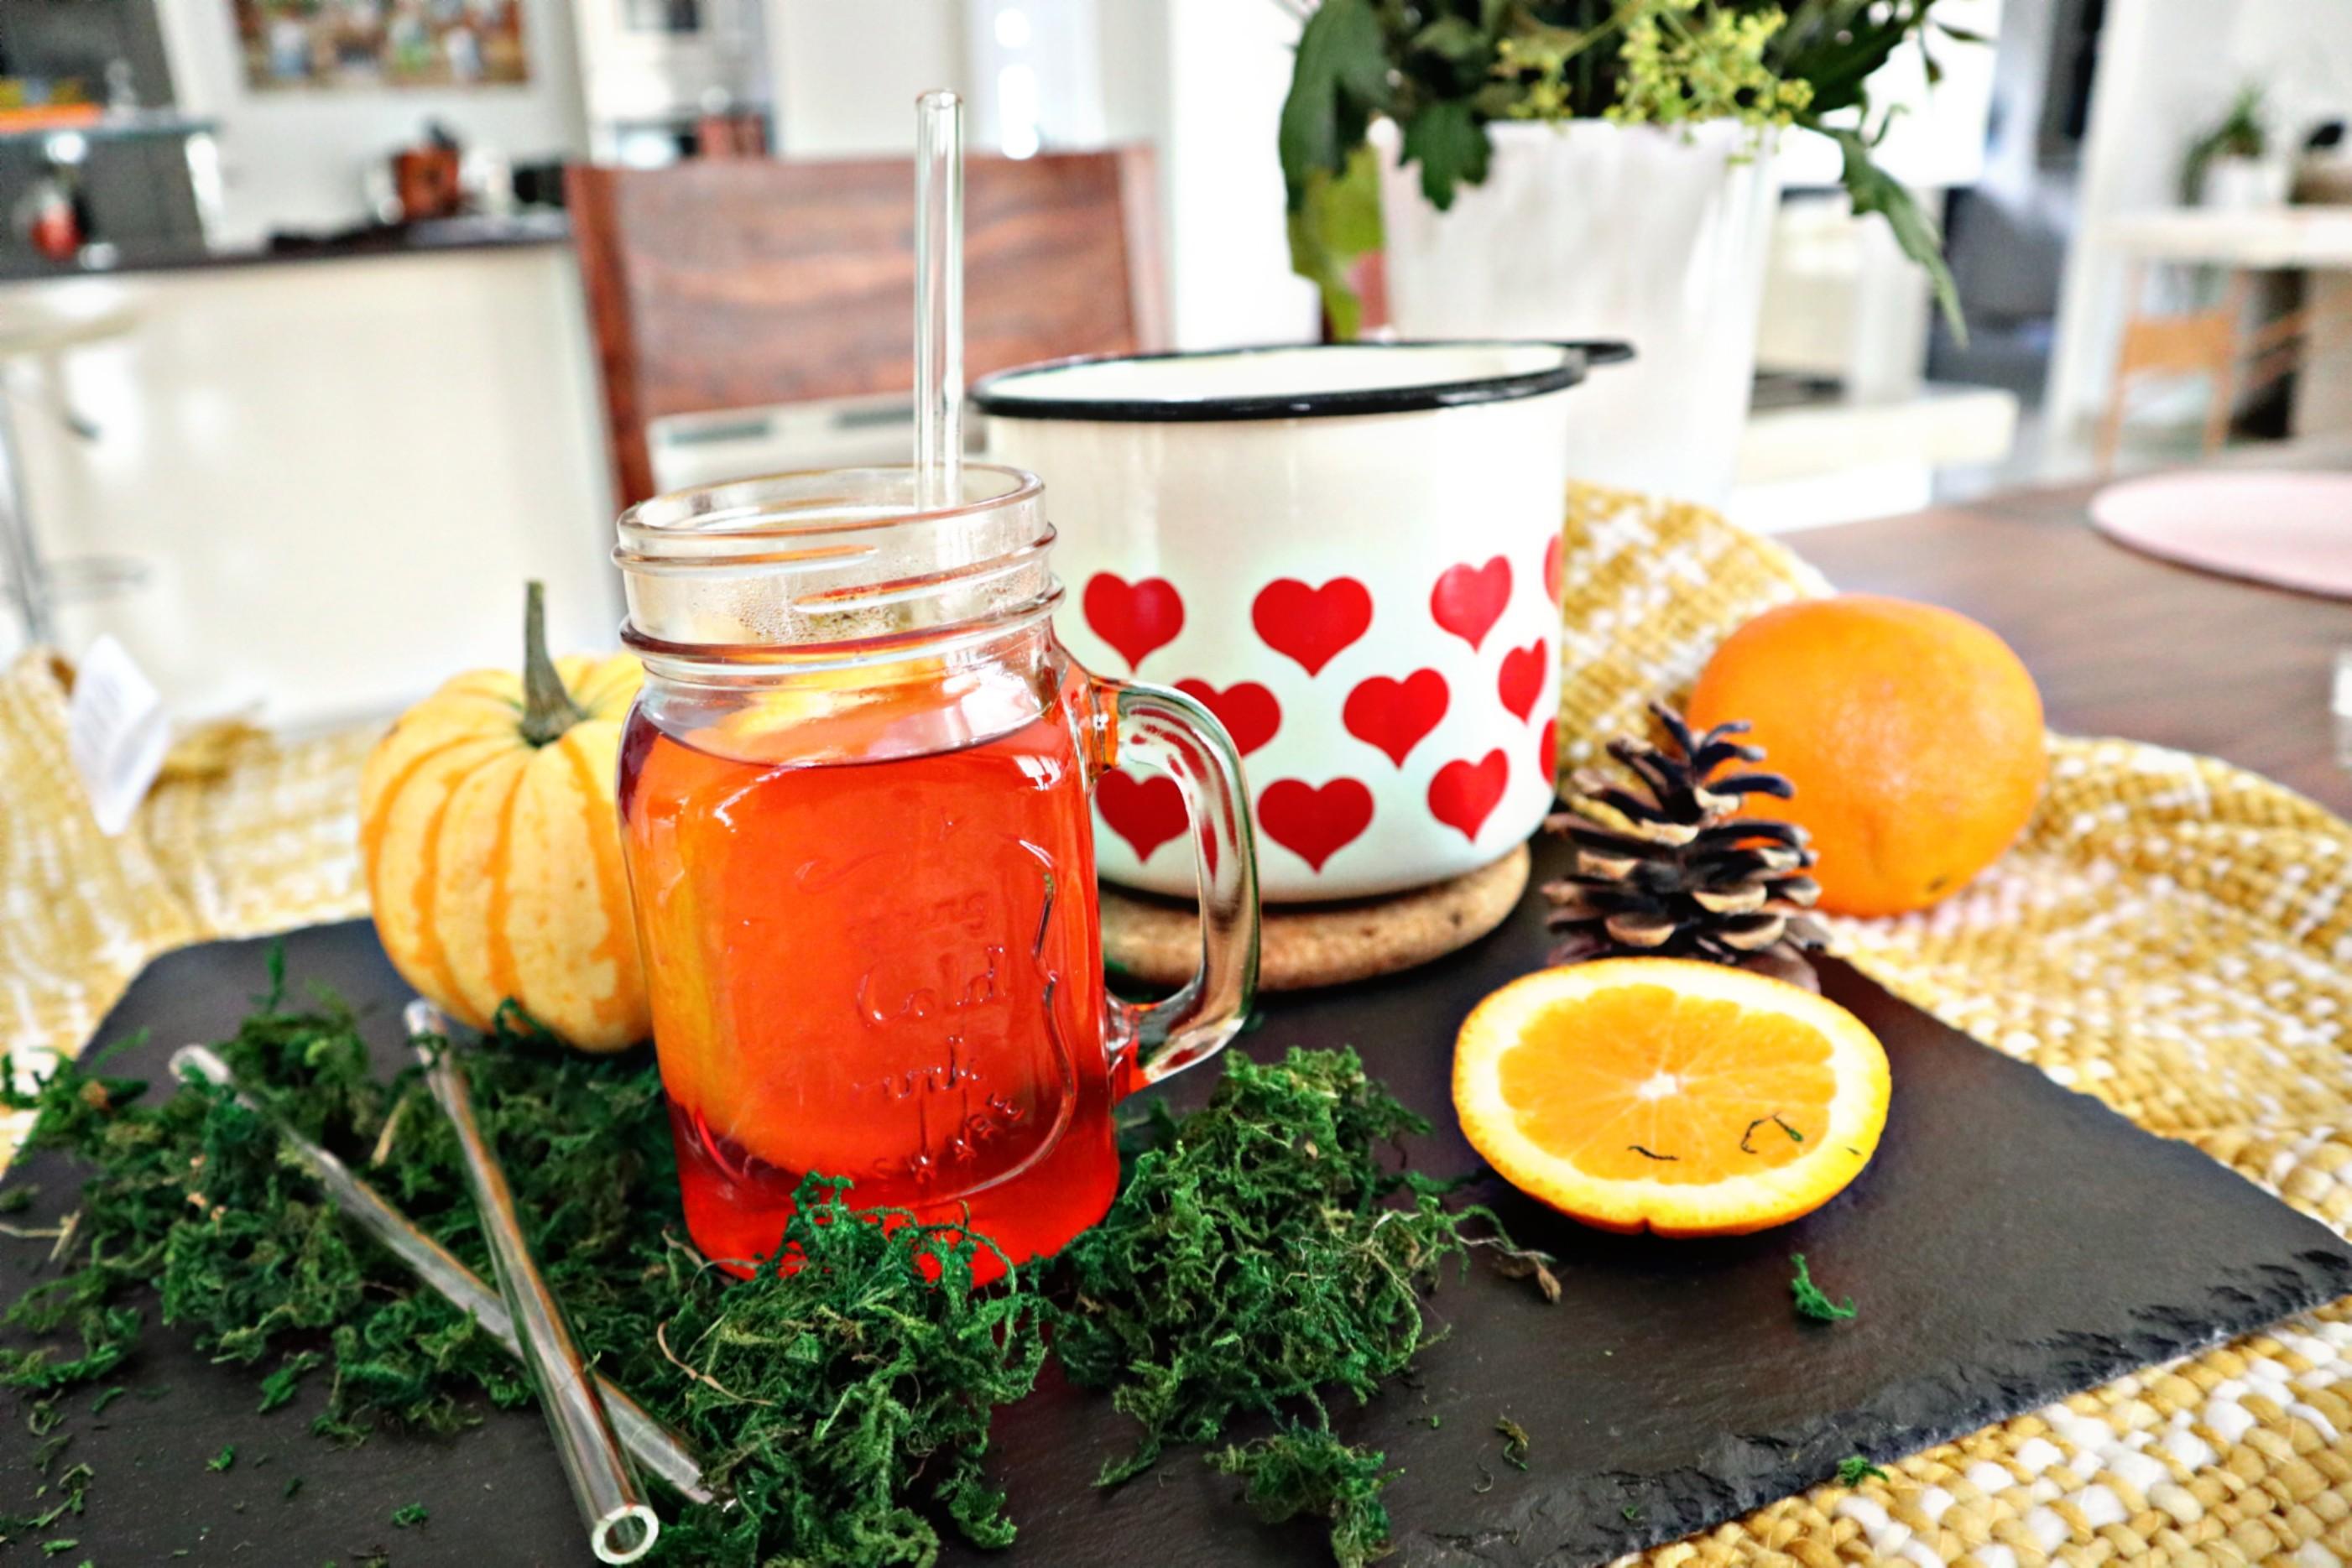 Hot Aperol für die kalten Herbsttage